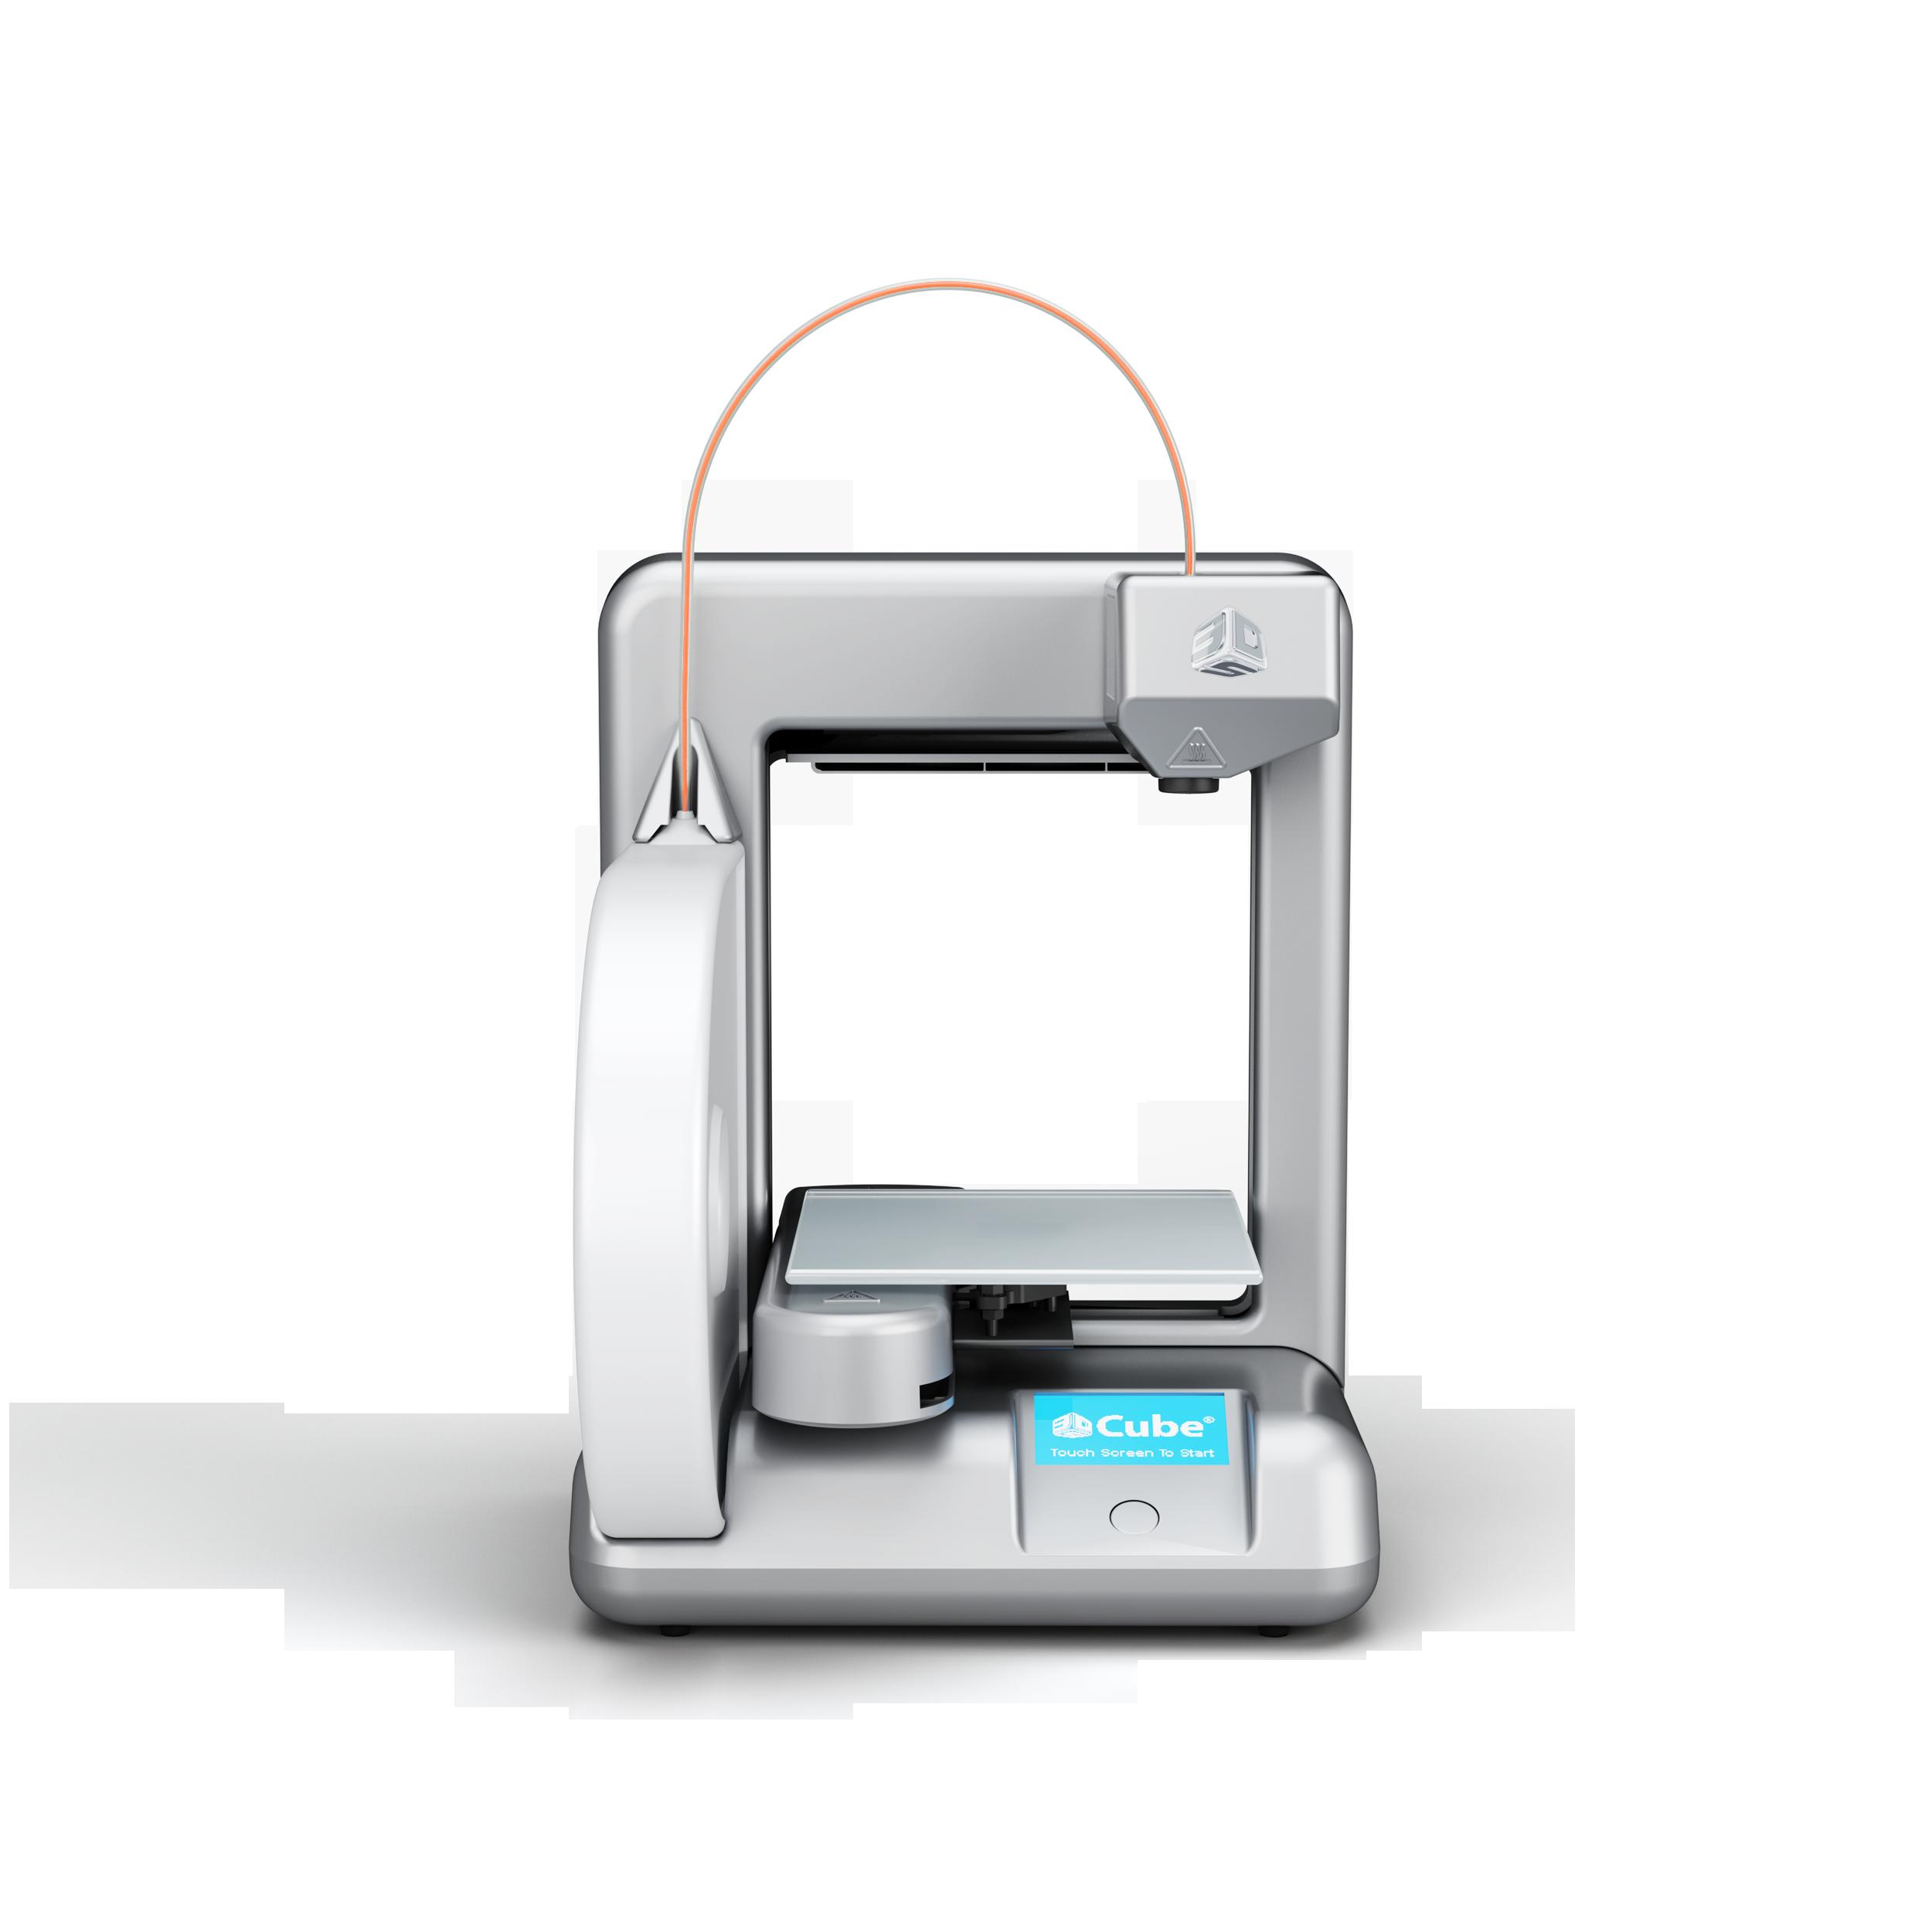 Silver Cube2 3D printerr_BG_2013-01-23